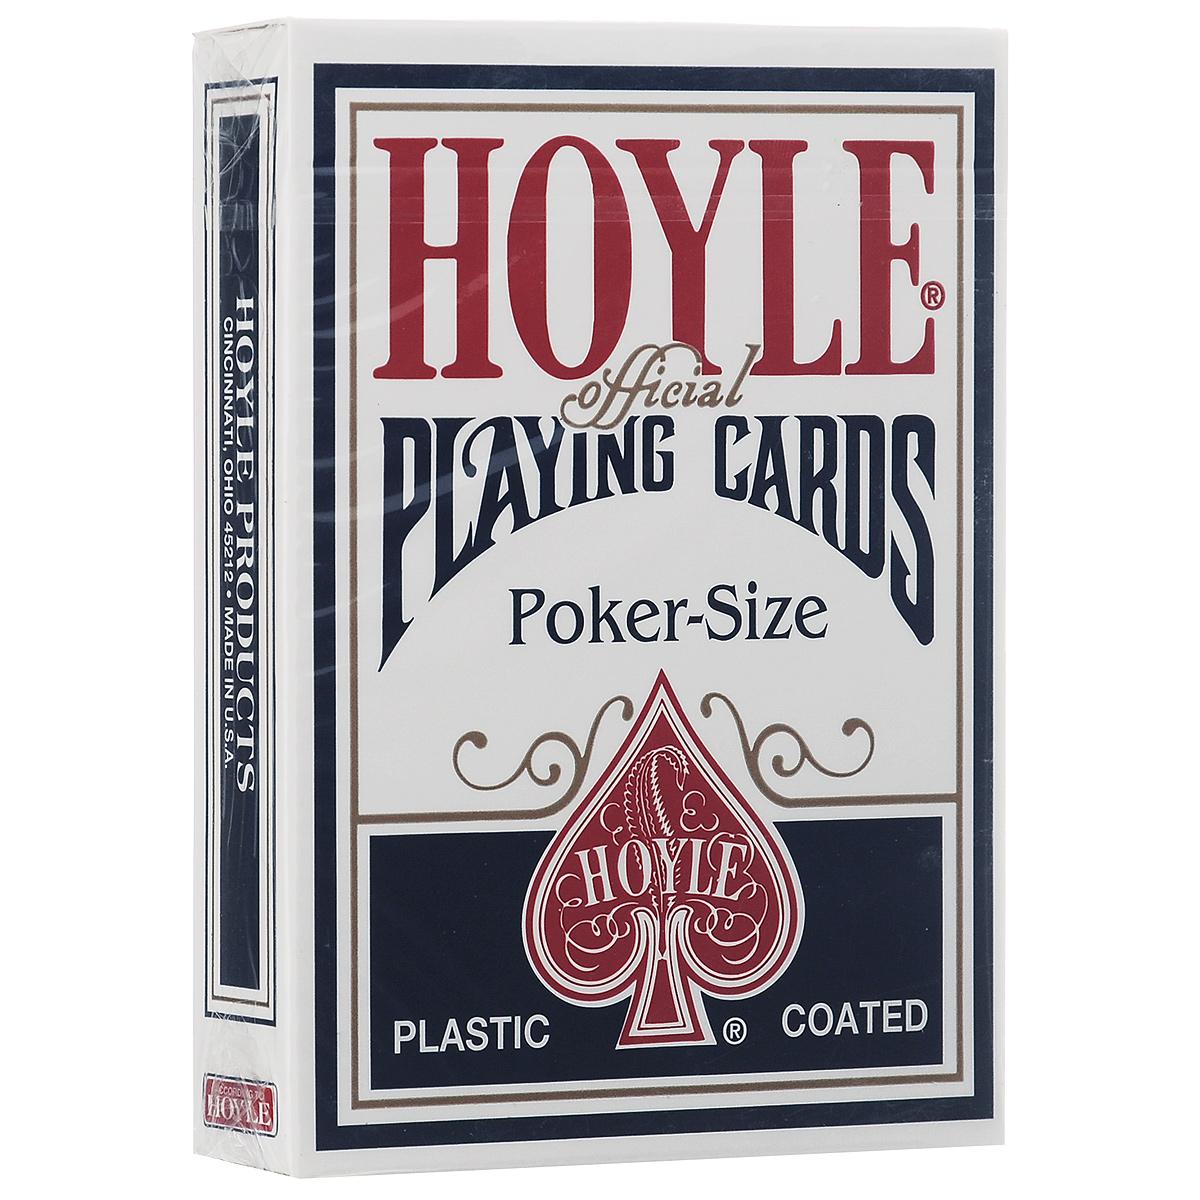 Игральные карты Hoyle, цвет: синийК-083Эта высококачественная карточная колода подходит для любых карточных фокусов, а также для игры в покер. Колода включает в себя инструкции для самой популярной теперь формы игры Texas Hold Em.